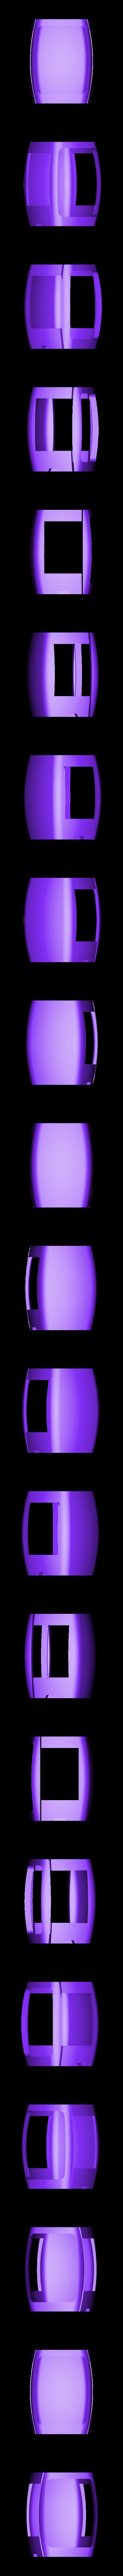 robo3D_white.STL Download free STL file Multi-Color Robo R2 USB Holder • 3D printer model, MosaicManufacturing